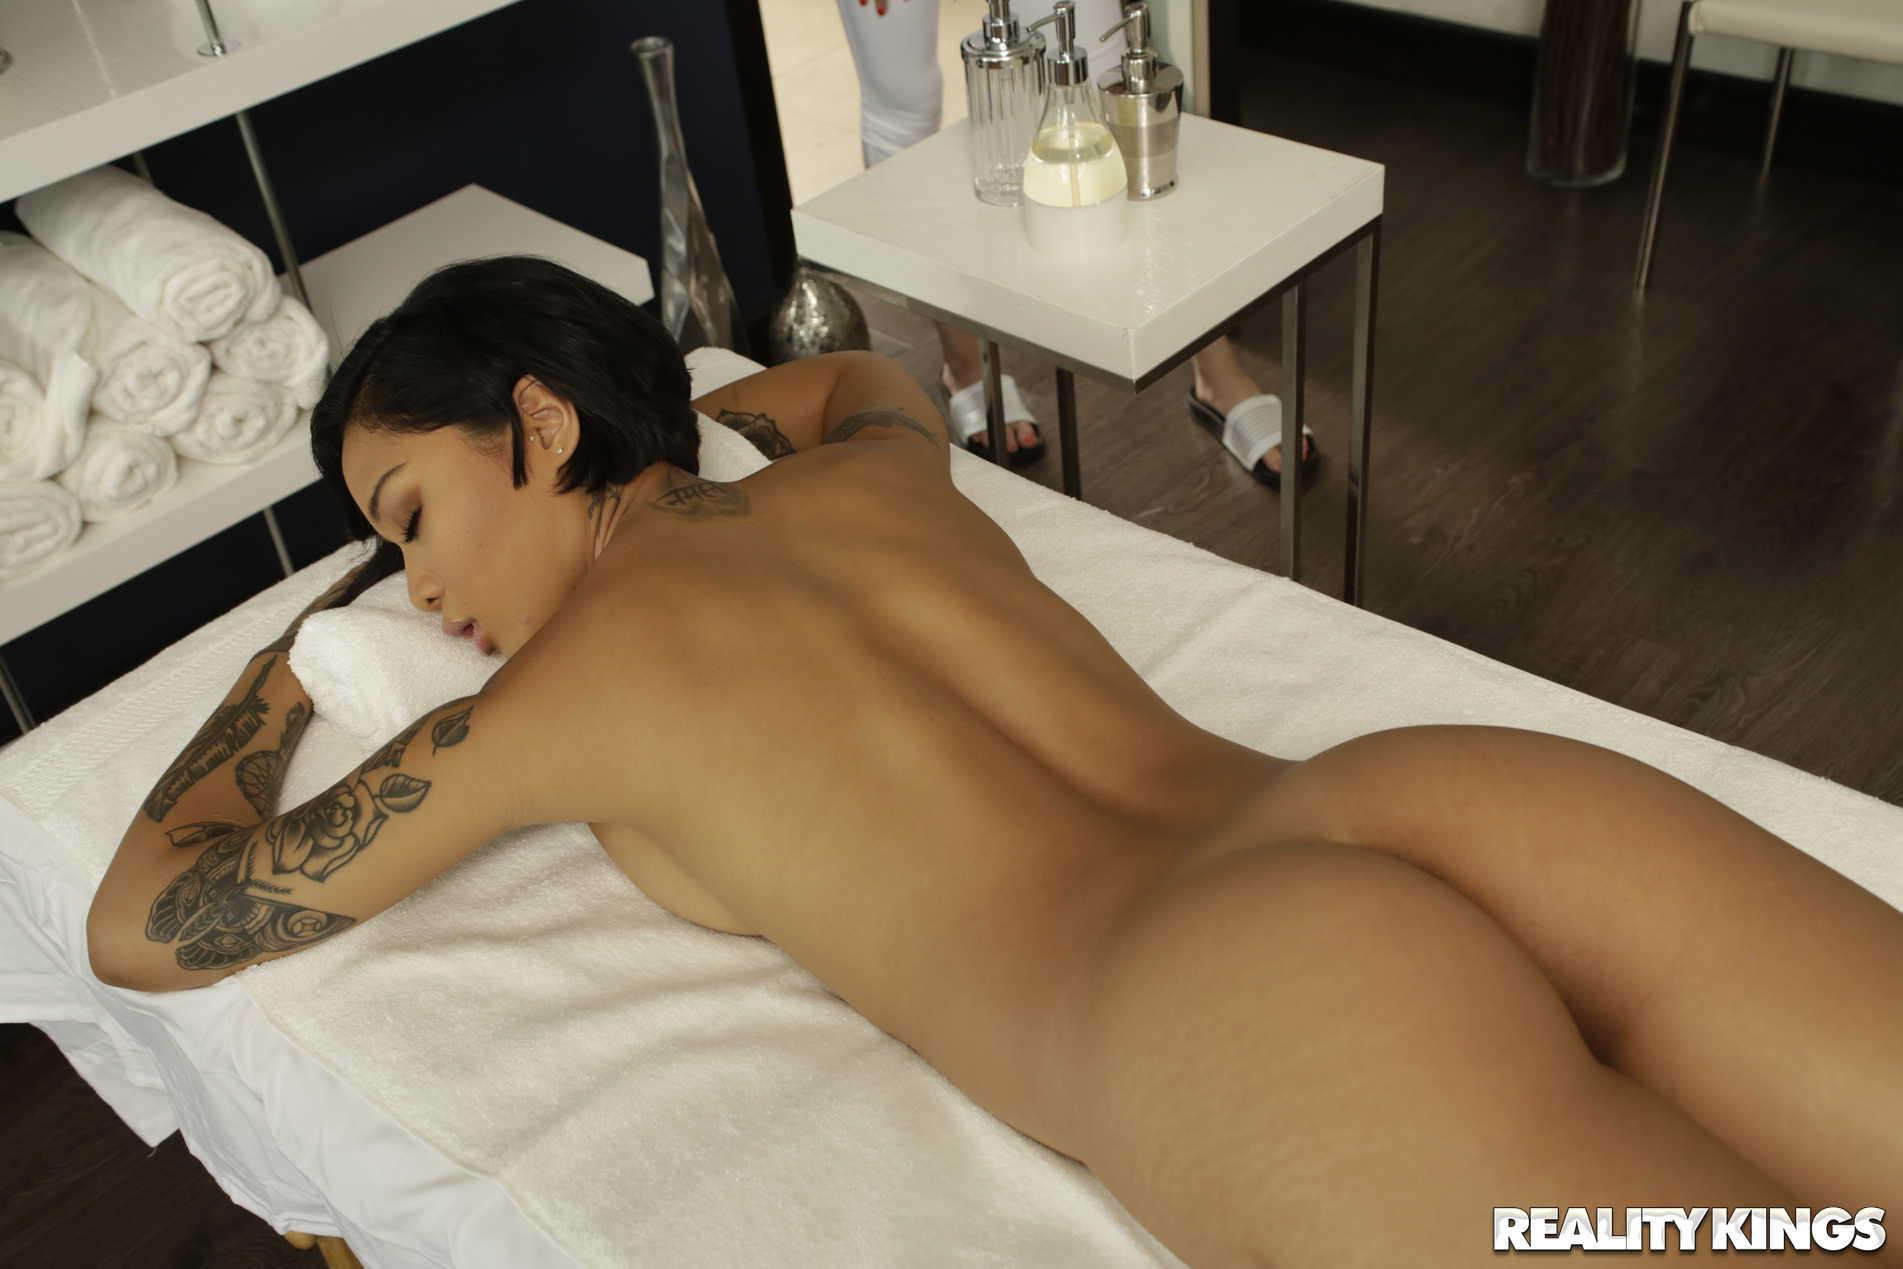 Reality Kings 'Massage Revenge Fuck' starring Honey Gold (Photo 45)